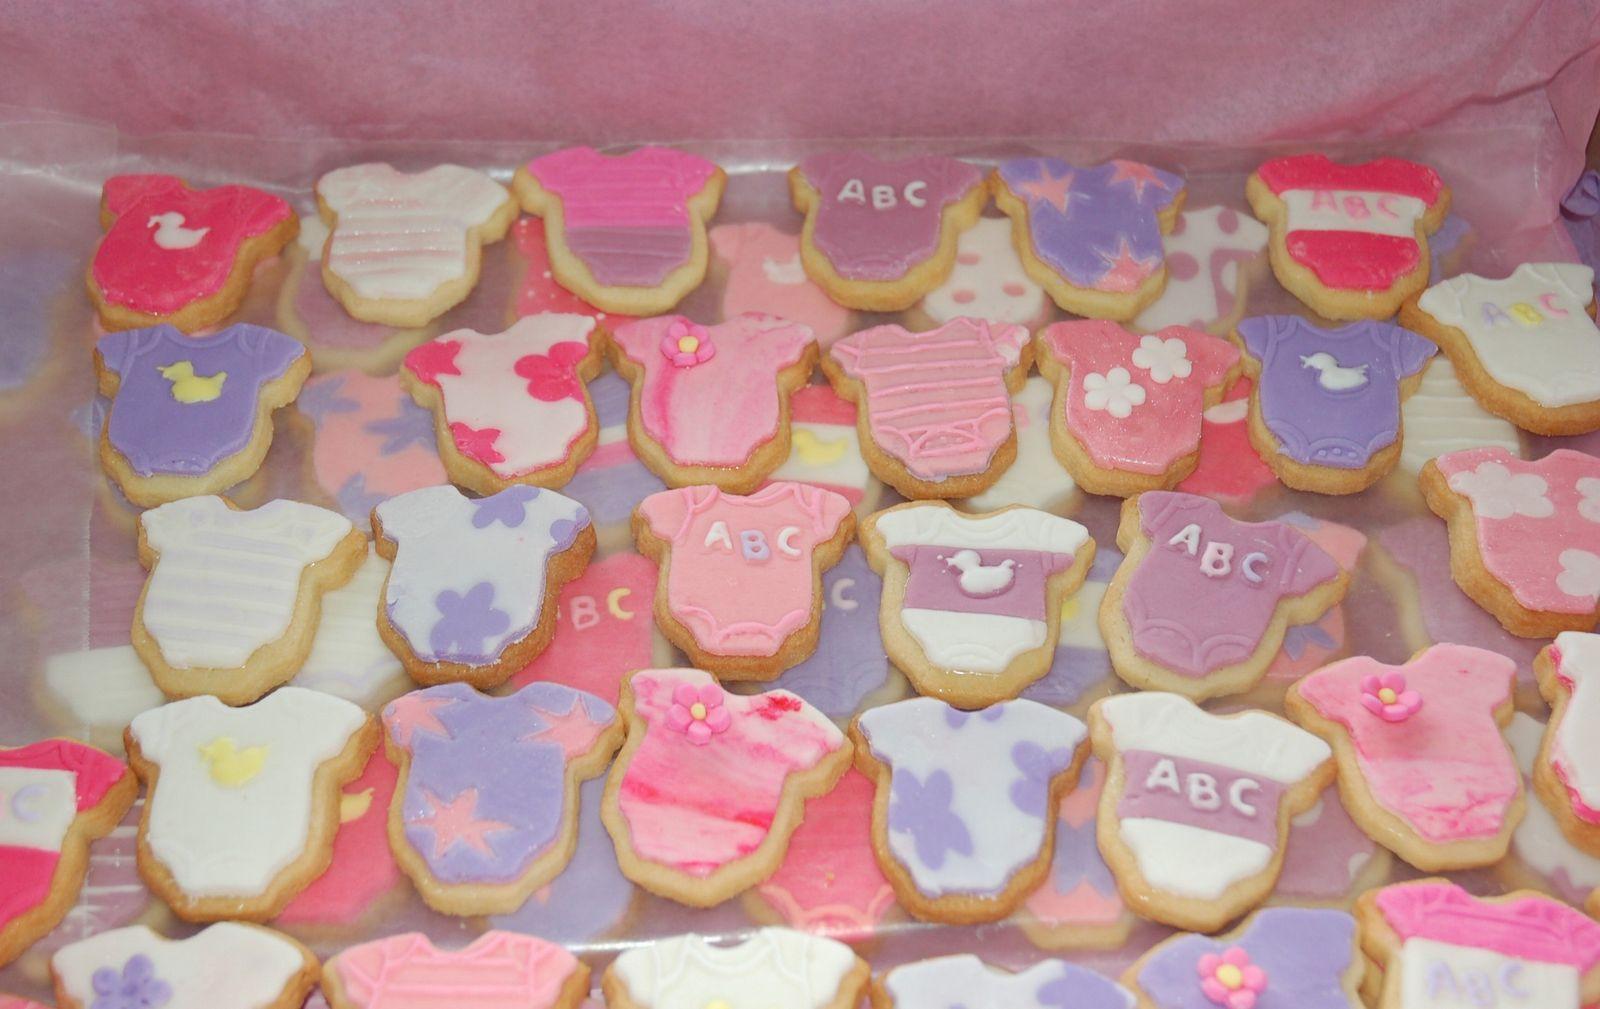 Desserts For Baby Shower  Amazing Dessert Recipes Baby Shower Desserts Part 2